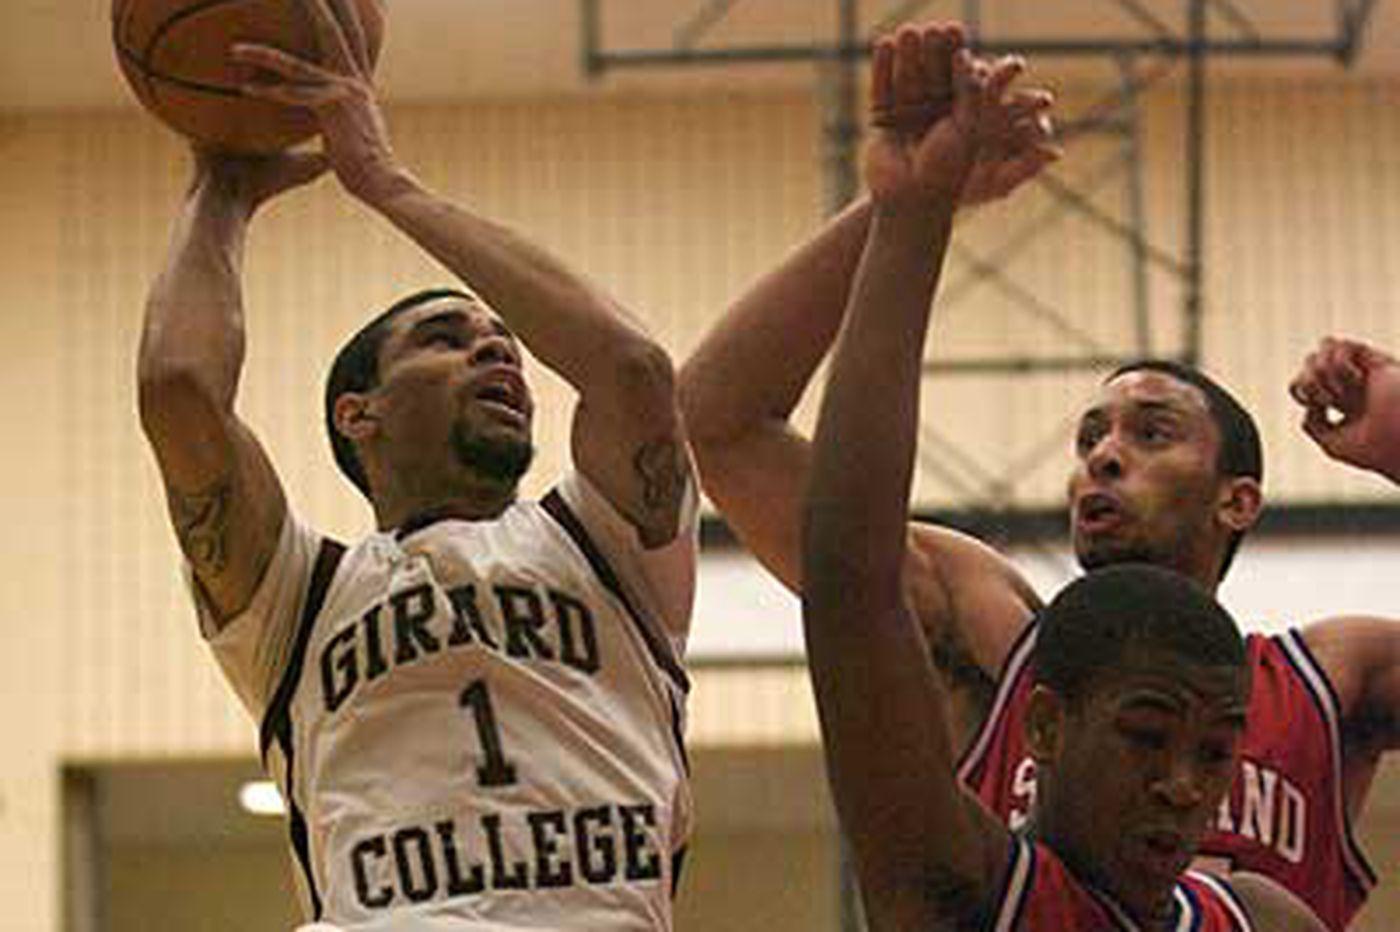 Girard boys take on the challenge